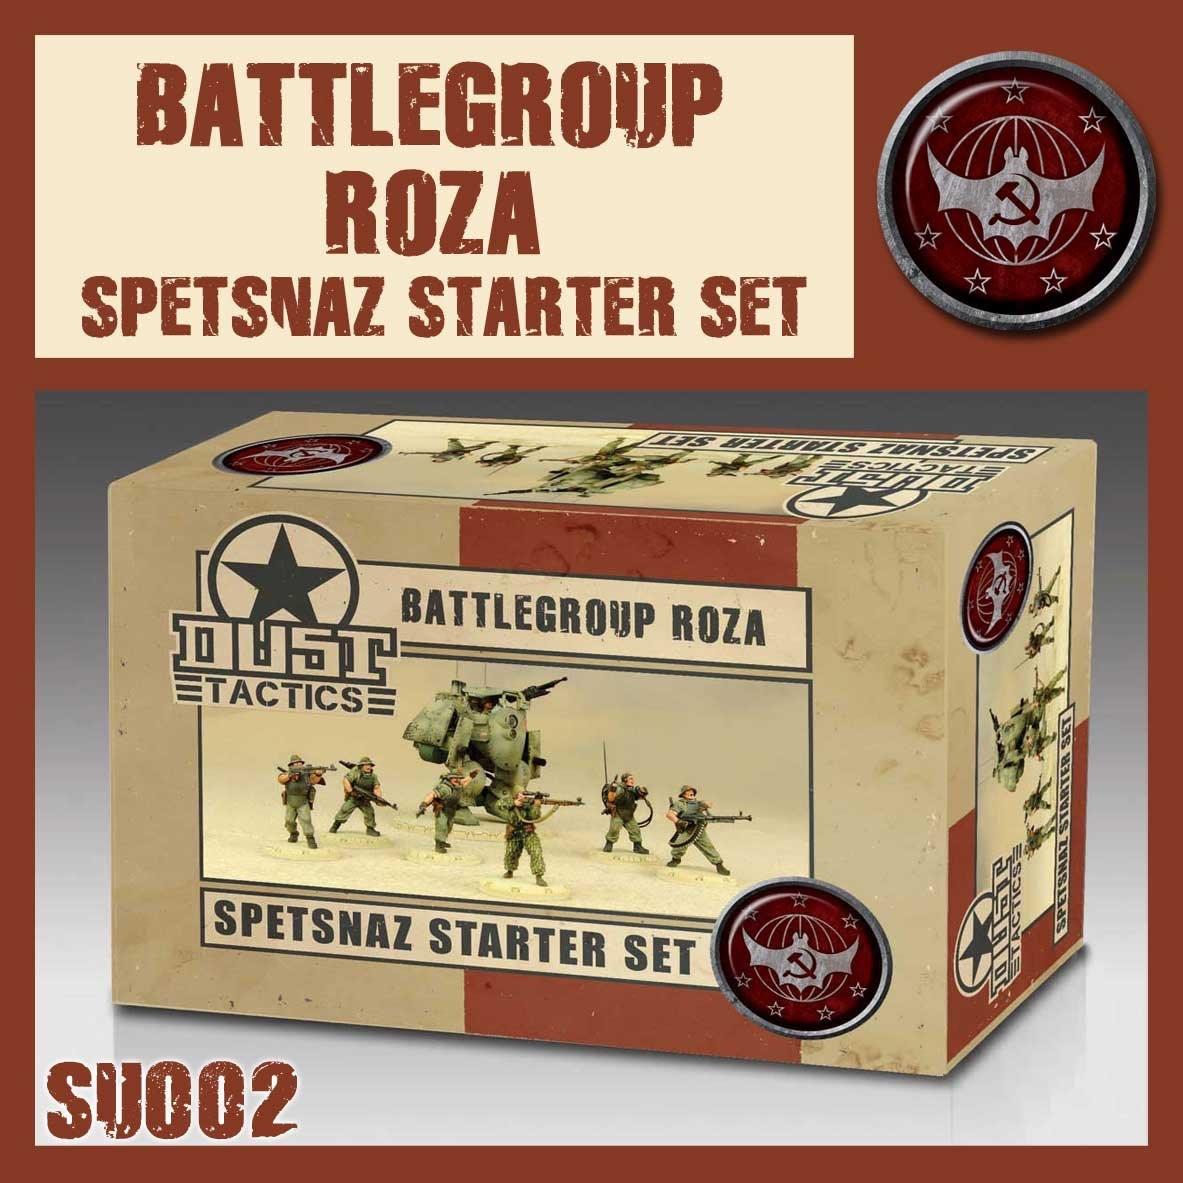 DUST USA DUST DROP-SHIP: Spetsnaz Starter Set - Battlegroup Roza